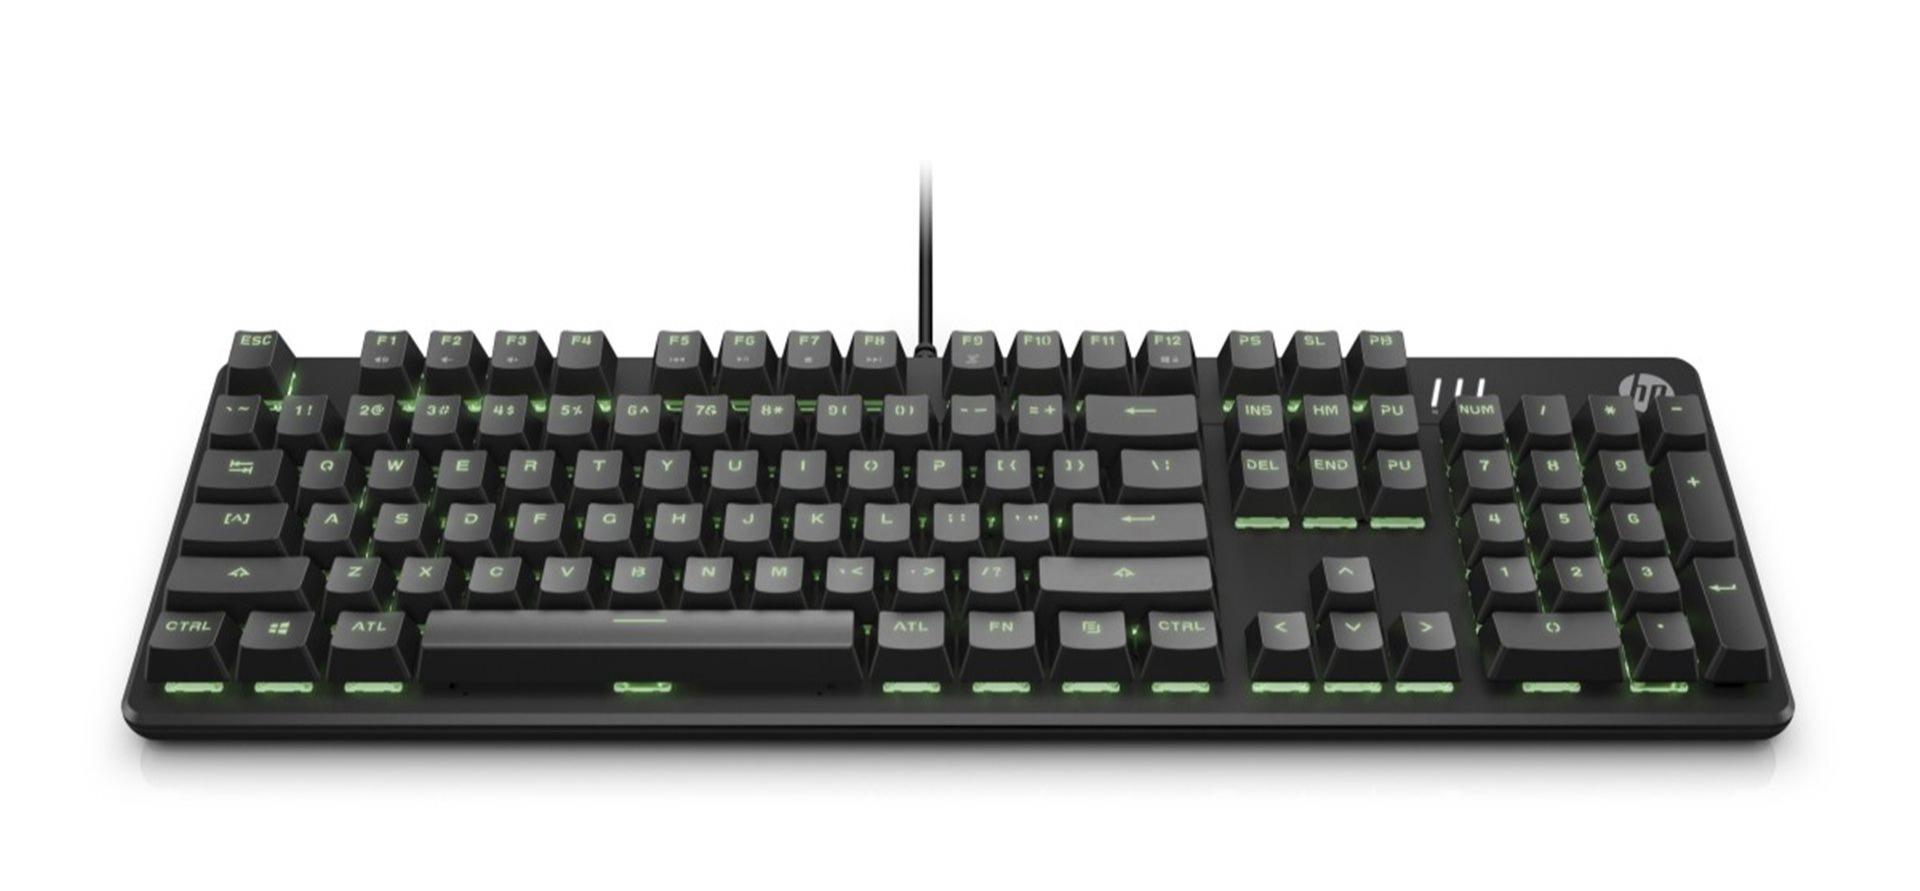 Herní klávesnice HP Pavilion Gaming 500 (mechanická) (PC)